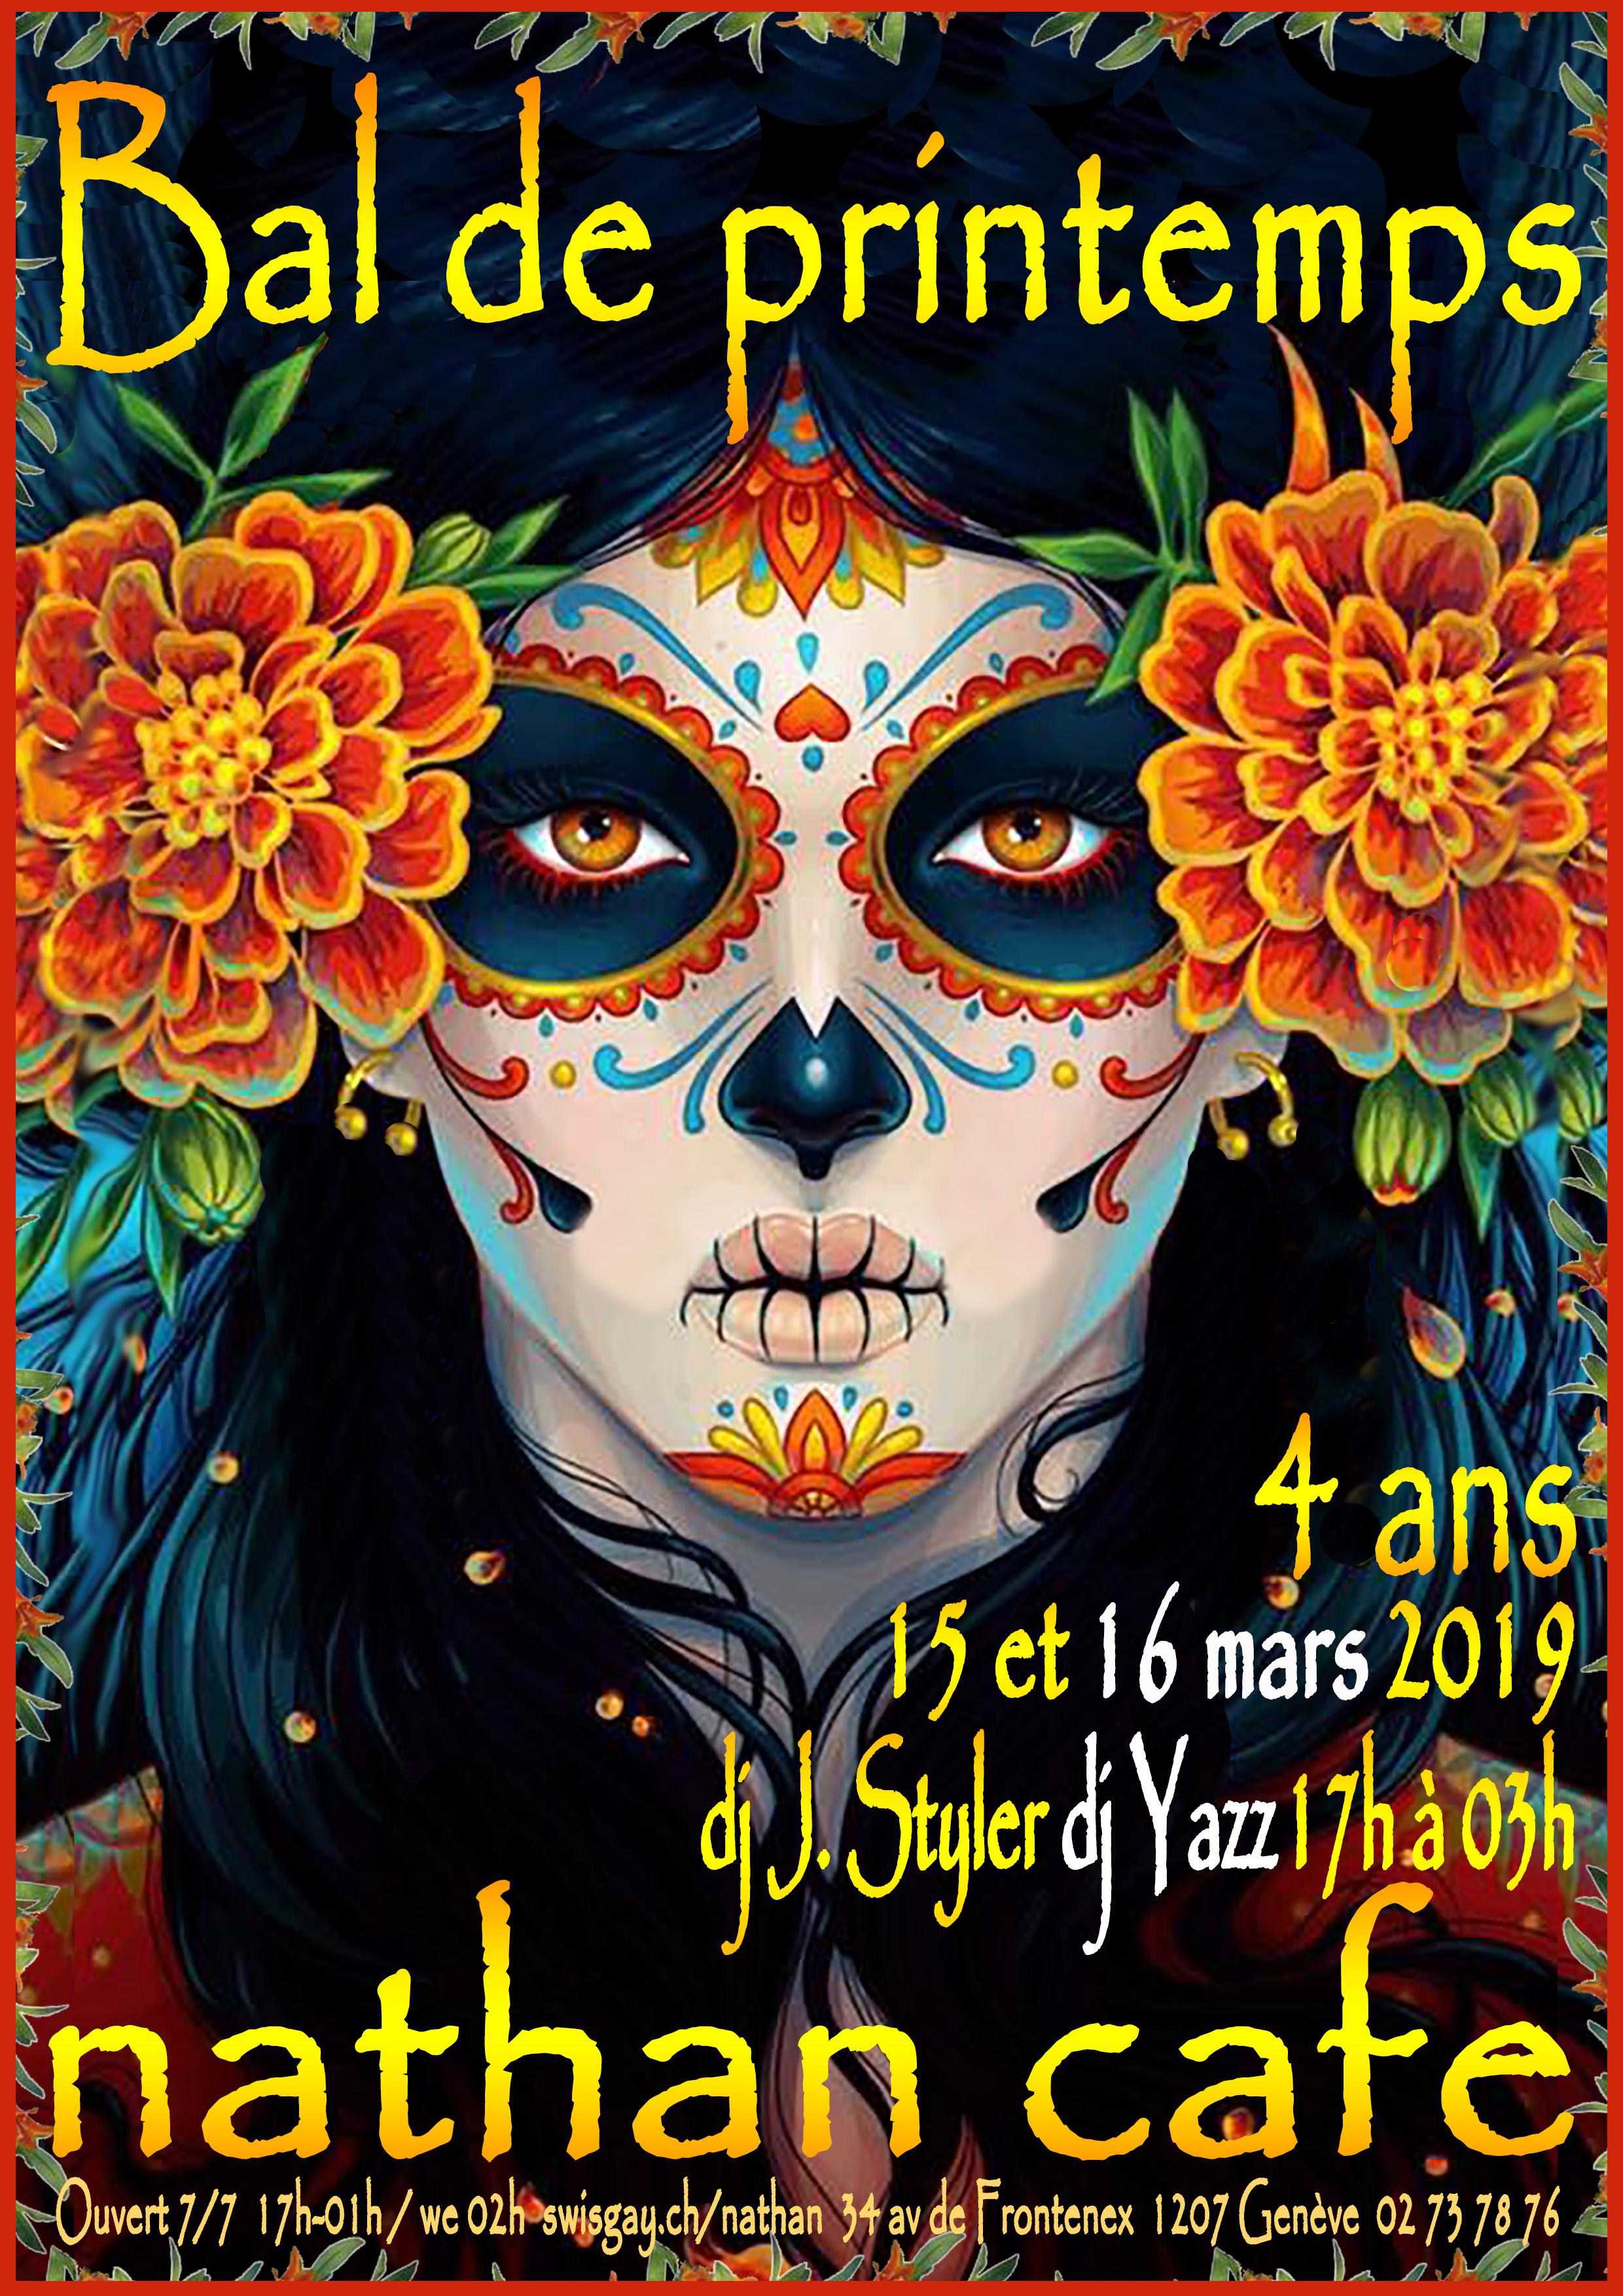 Nathan Café Genève - 15 et 16 mars 2019 : 4 ans !